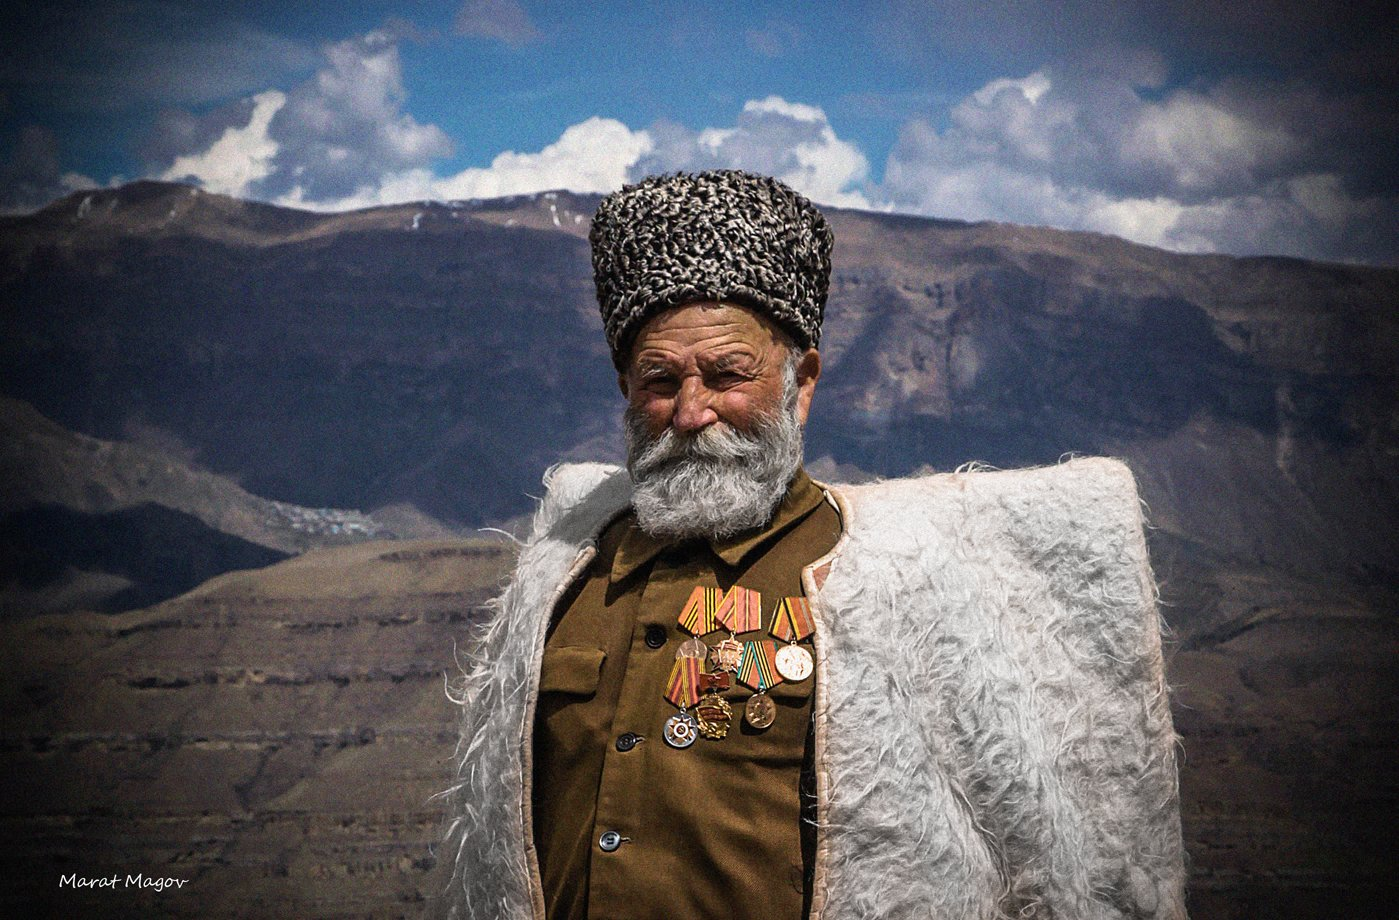 горец,горы,ветеран,джигит,старец,дед,дагестан,, Magov Marat